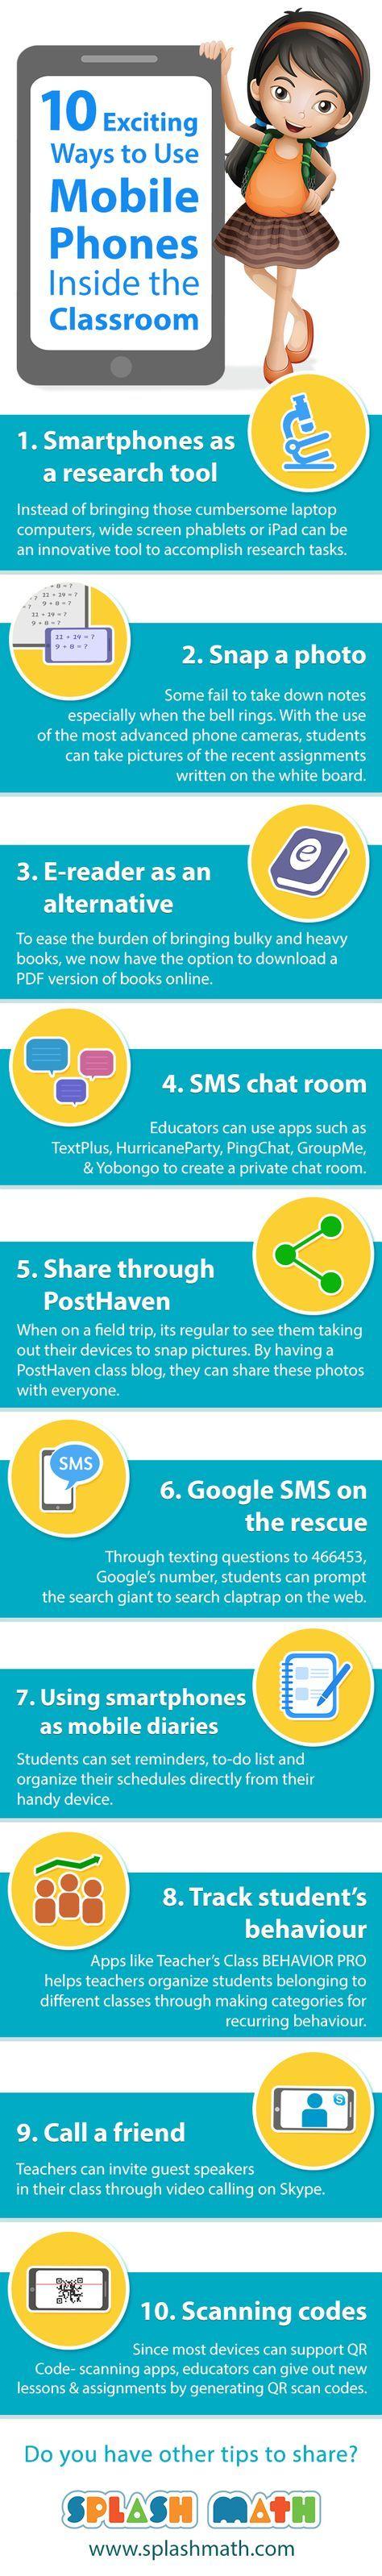 Tien manieren om mobiele telefoons in het klaslokaal te gebruiken